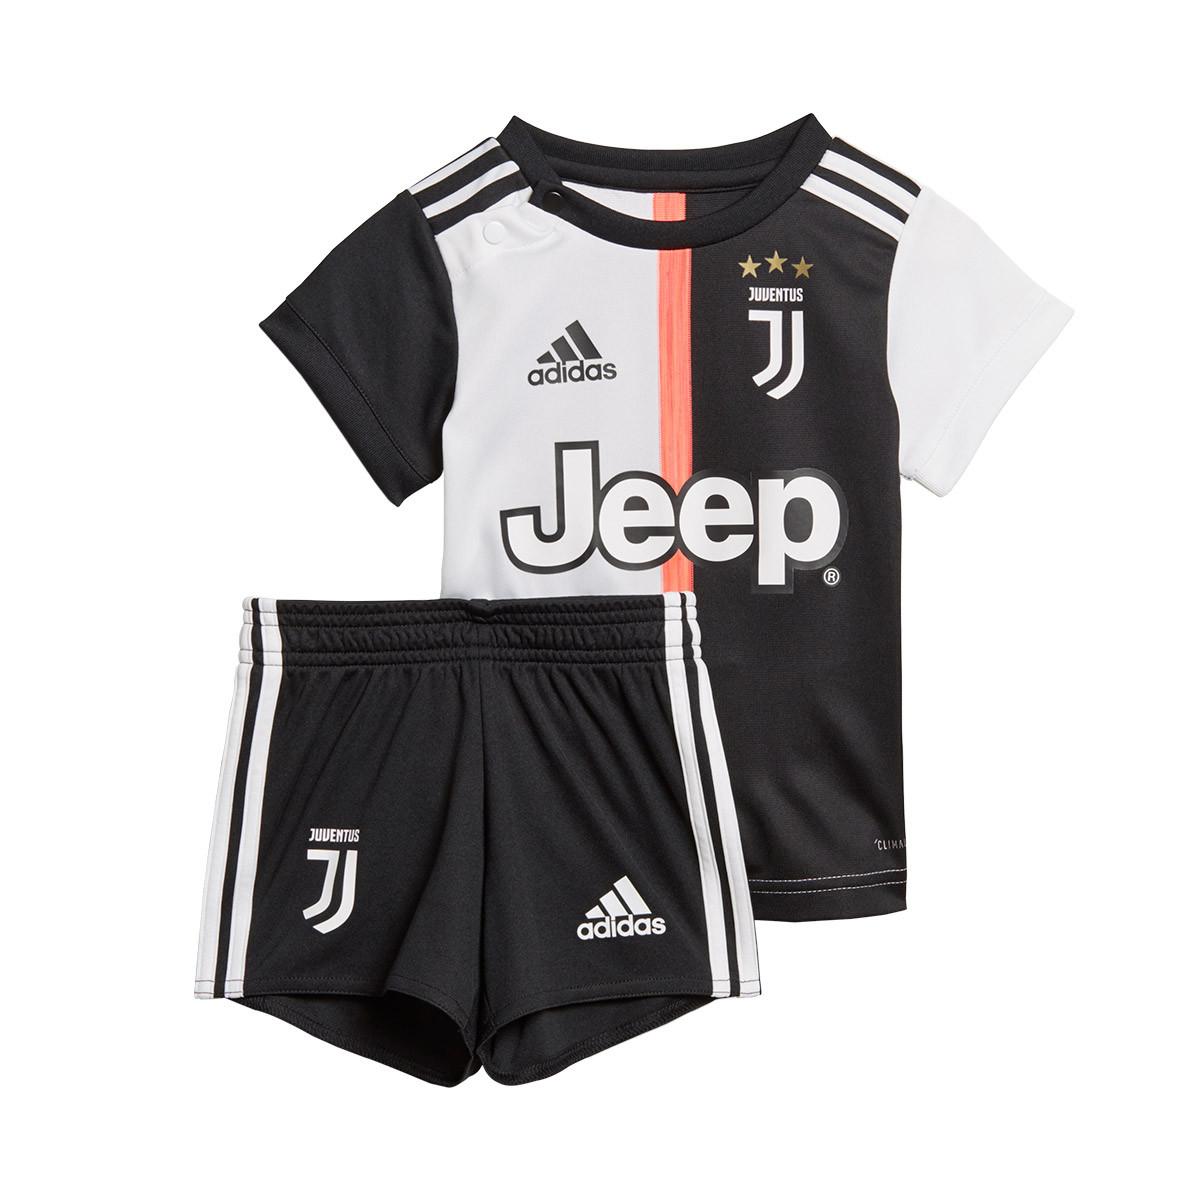 tenue adidas bebe juventus domicile 2019 2020 black white boutique de football futbol emotion tenue adidas bebe juventus domicile 2019 2020